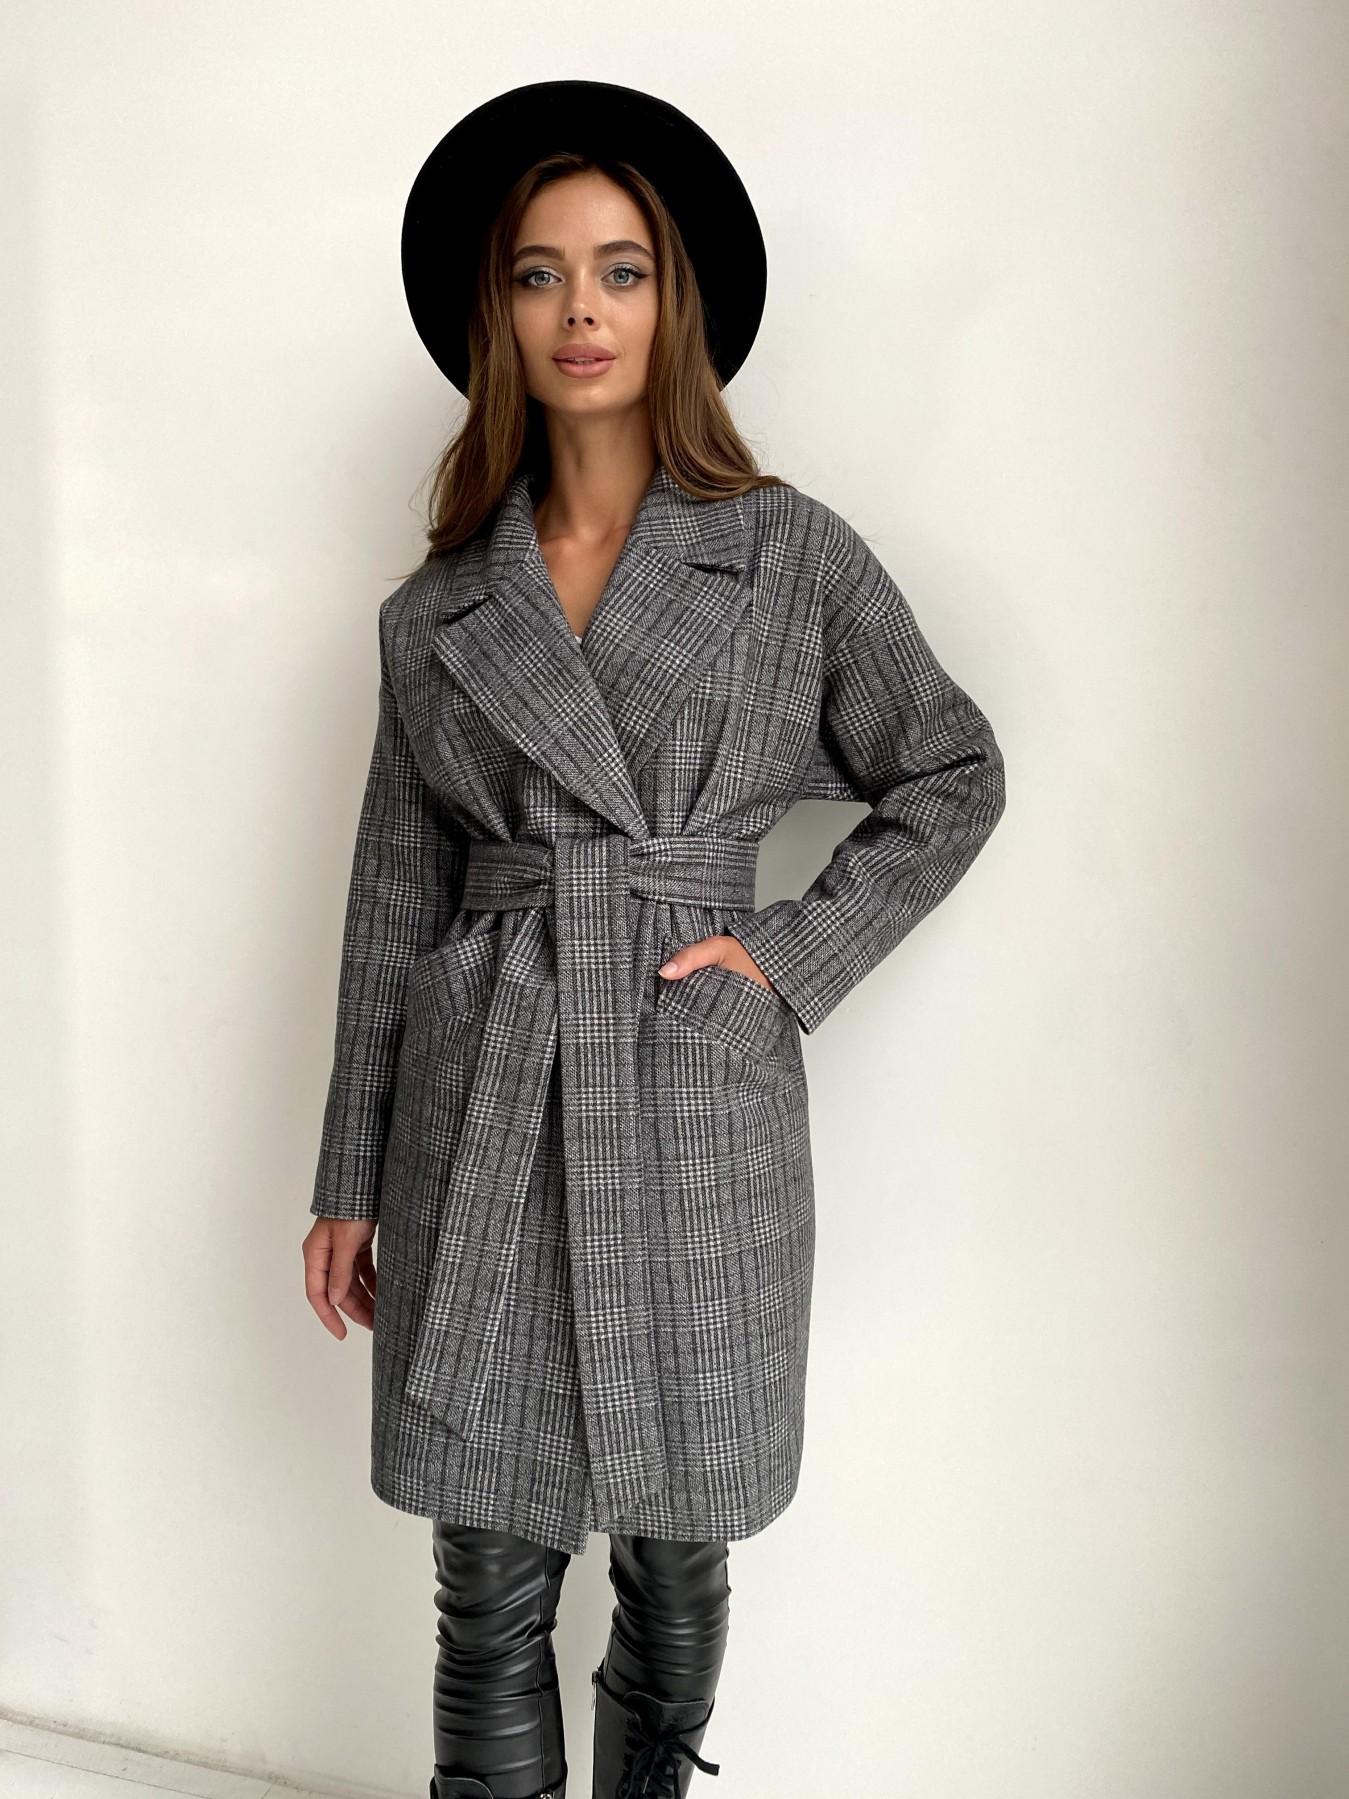 Сенсей пальто в клетку из тонкого кашемира 11754 АРТ. 48496 Цвет: Черный/СвСерый/КлетКом - фото 4, интернет магазин tm-modus.ru